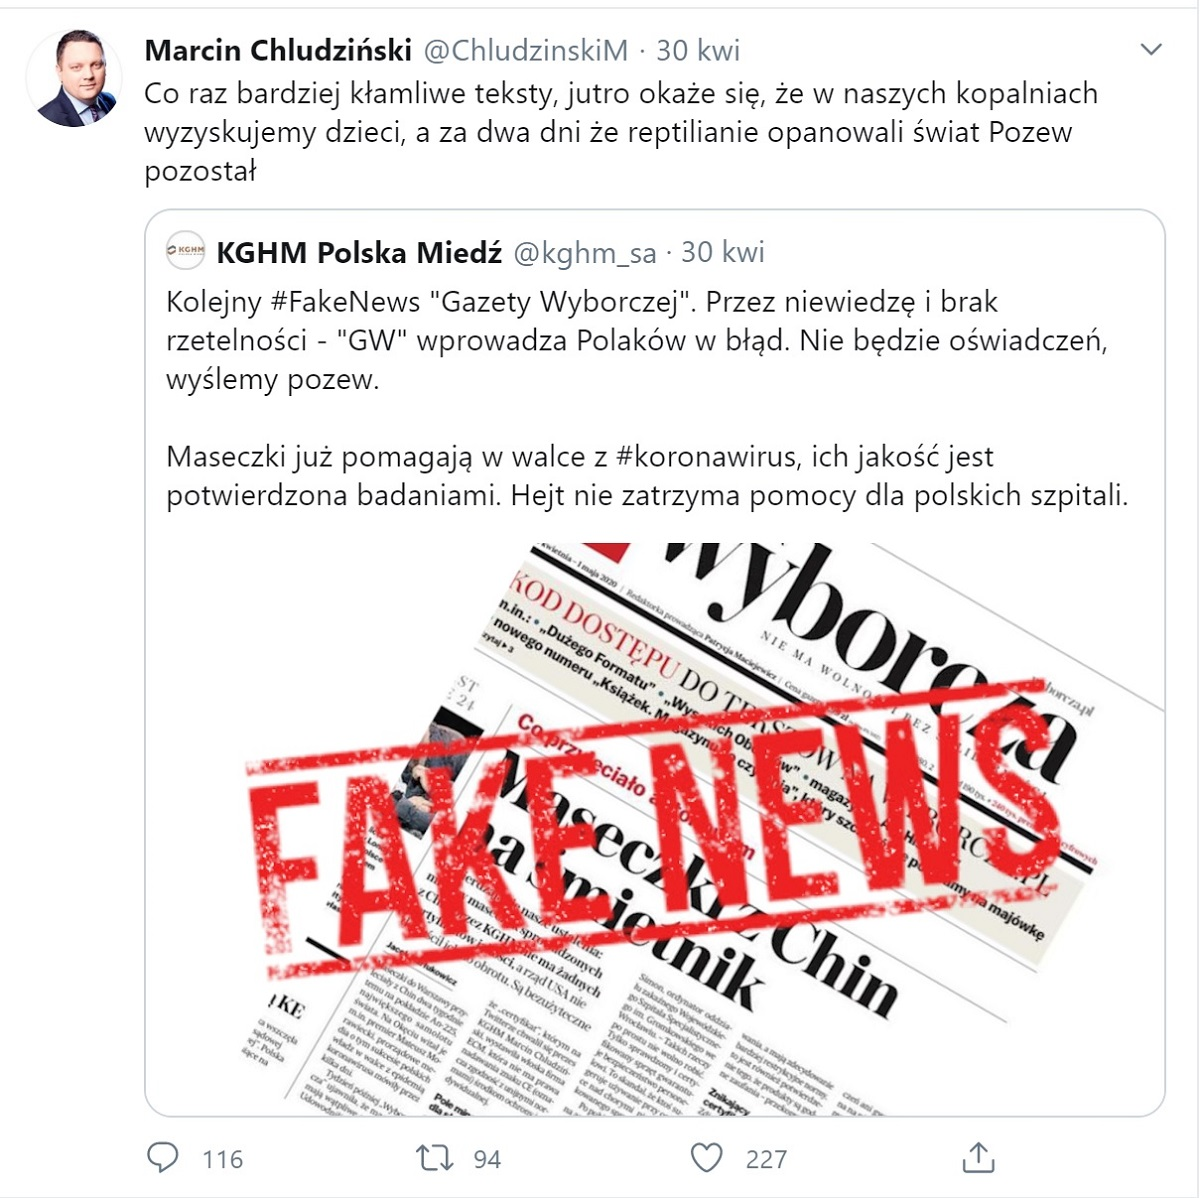 Wpis Marcina Chludzińskiego na Twitterze z 30.04.2020